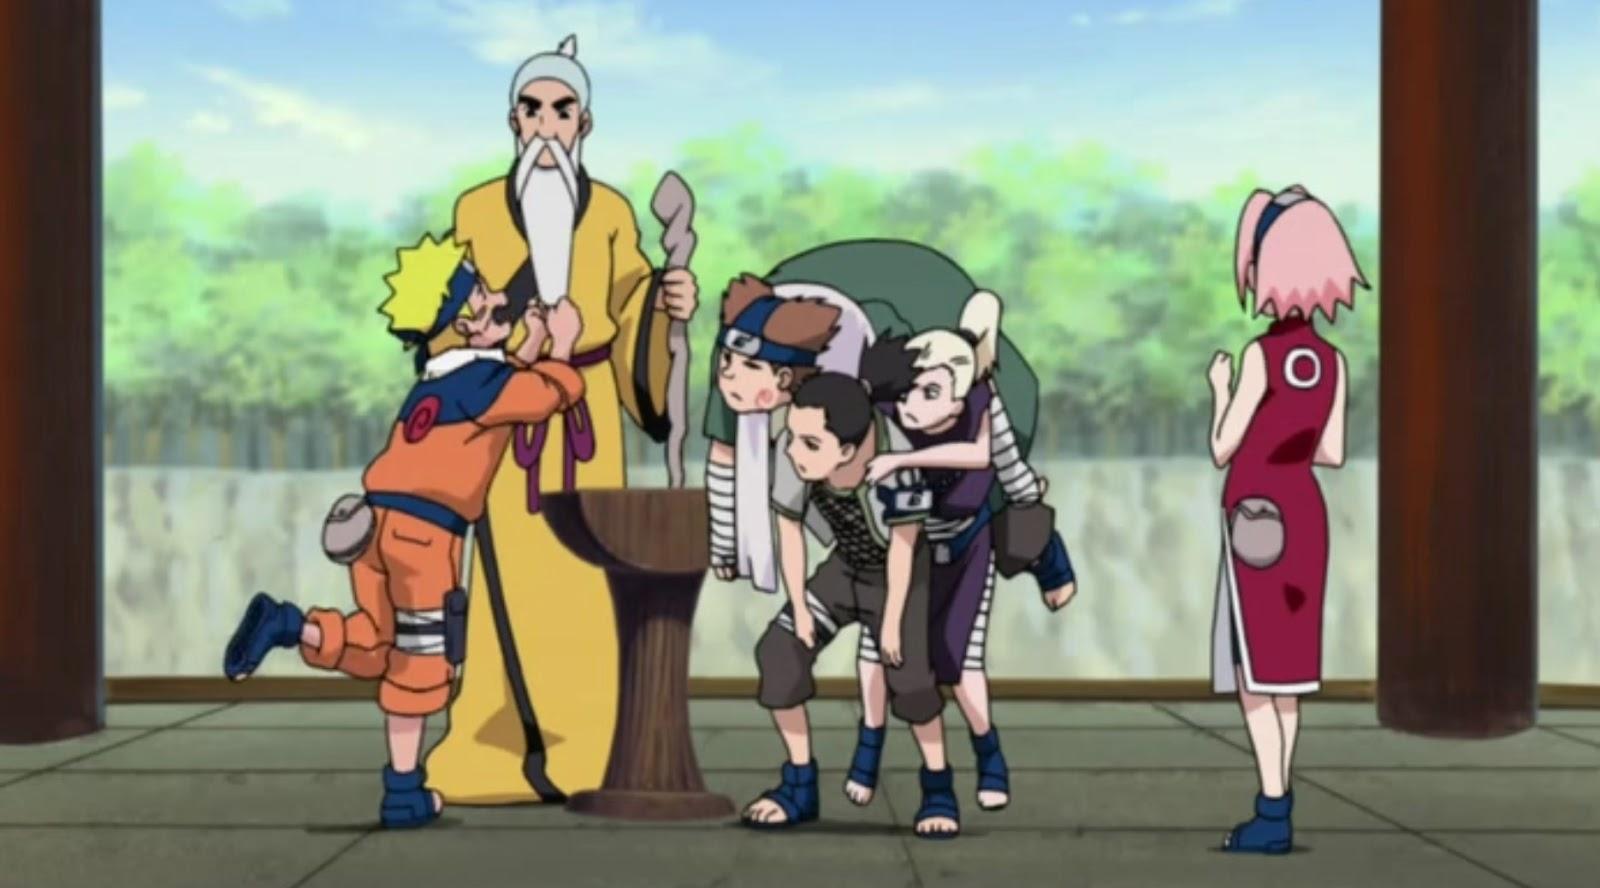 Naruto Shippuden Episódio 171, Assistir Naruto Shippuden Episódio 171, Assistir Naruto Shippuden Todos os Episódios Legendado, Naruto Shippuden episódio 171,HD